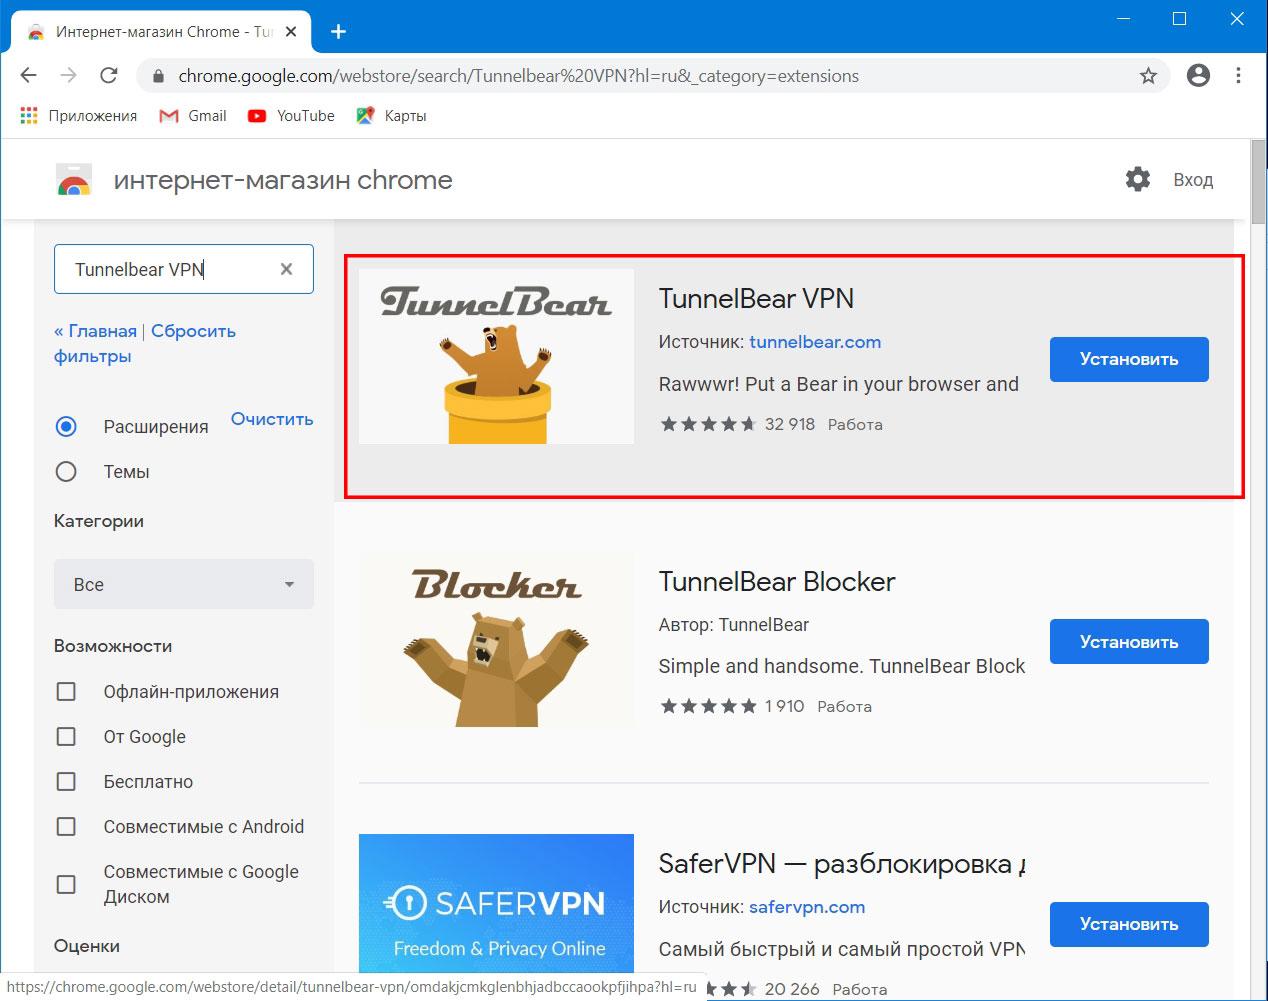 Расширение Tunnelbear VPN для браузера Google Chrome для обхода блокировки сайта рума Titan poker.